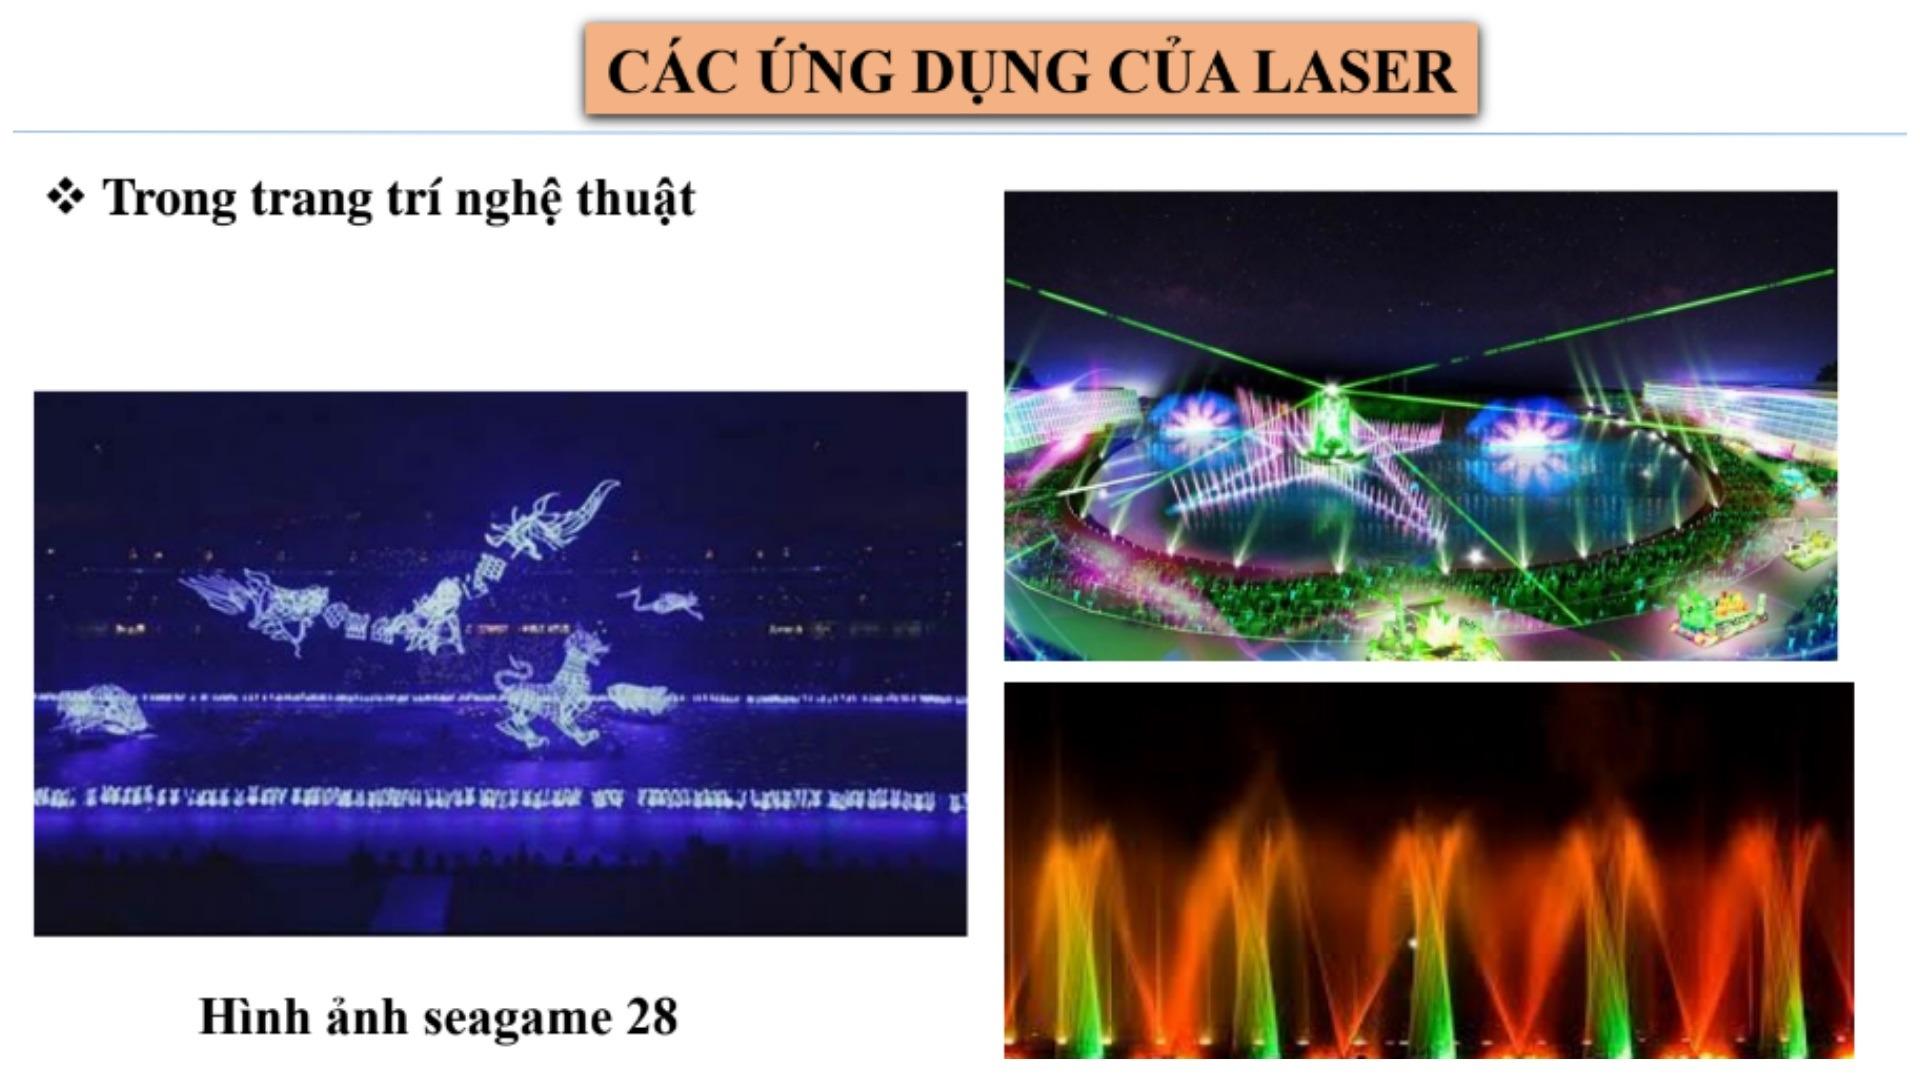 Laser ứng dụng như thế nào